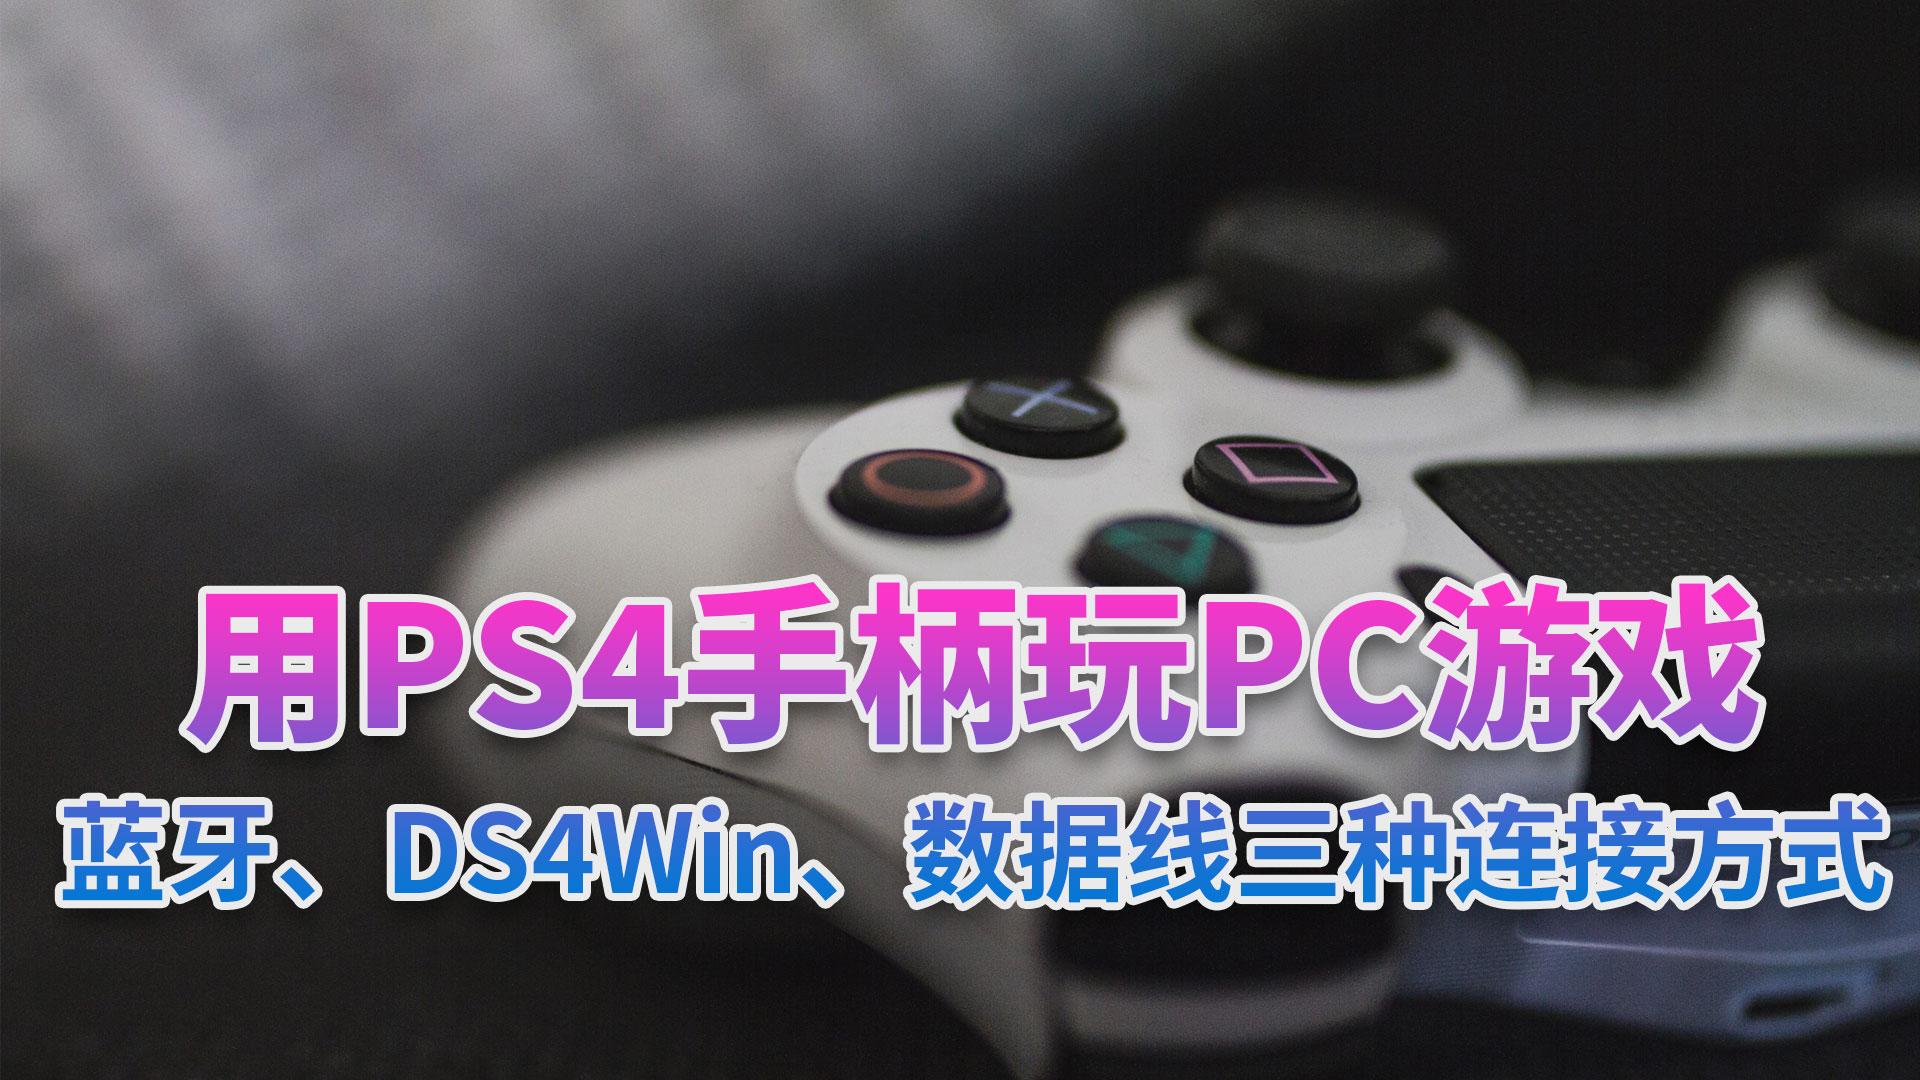 爱折腾(21)如何用PS4手柄玩PC游戏(蓝牙,DS4Win,有线连接)附下载链接